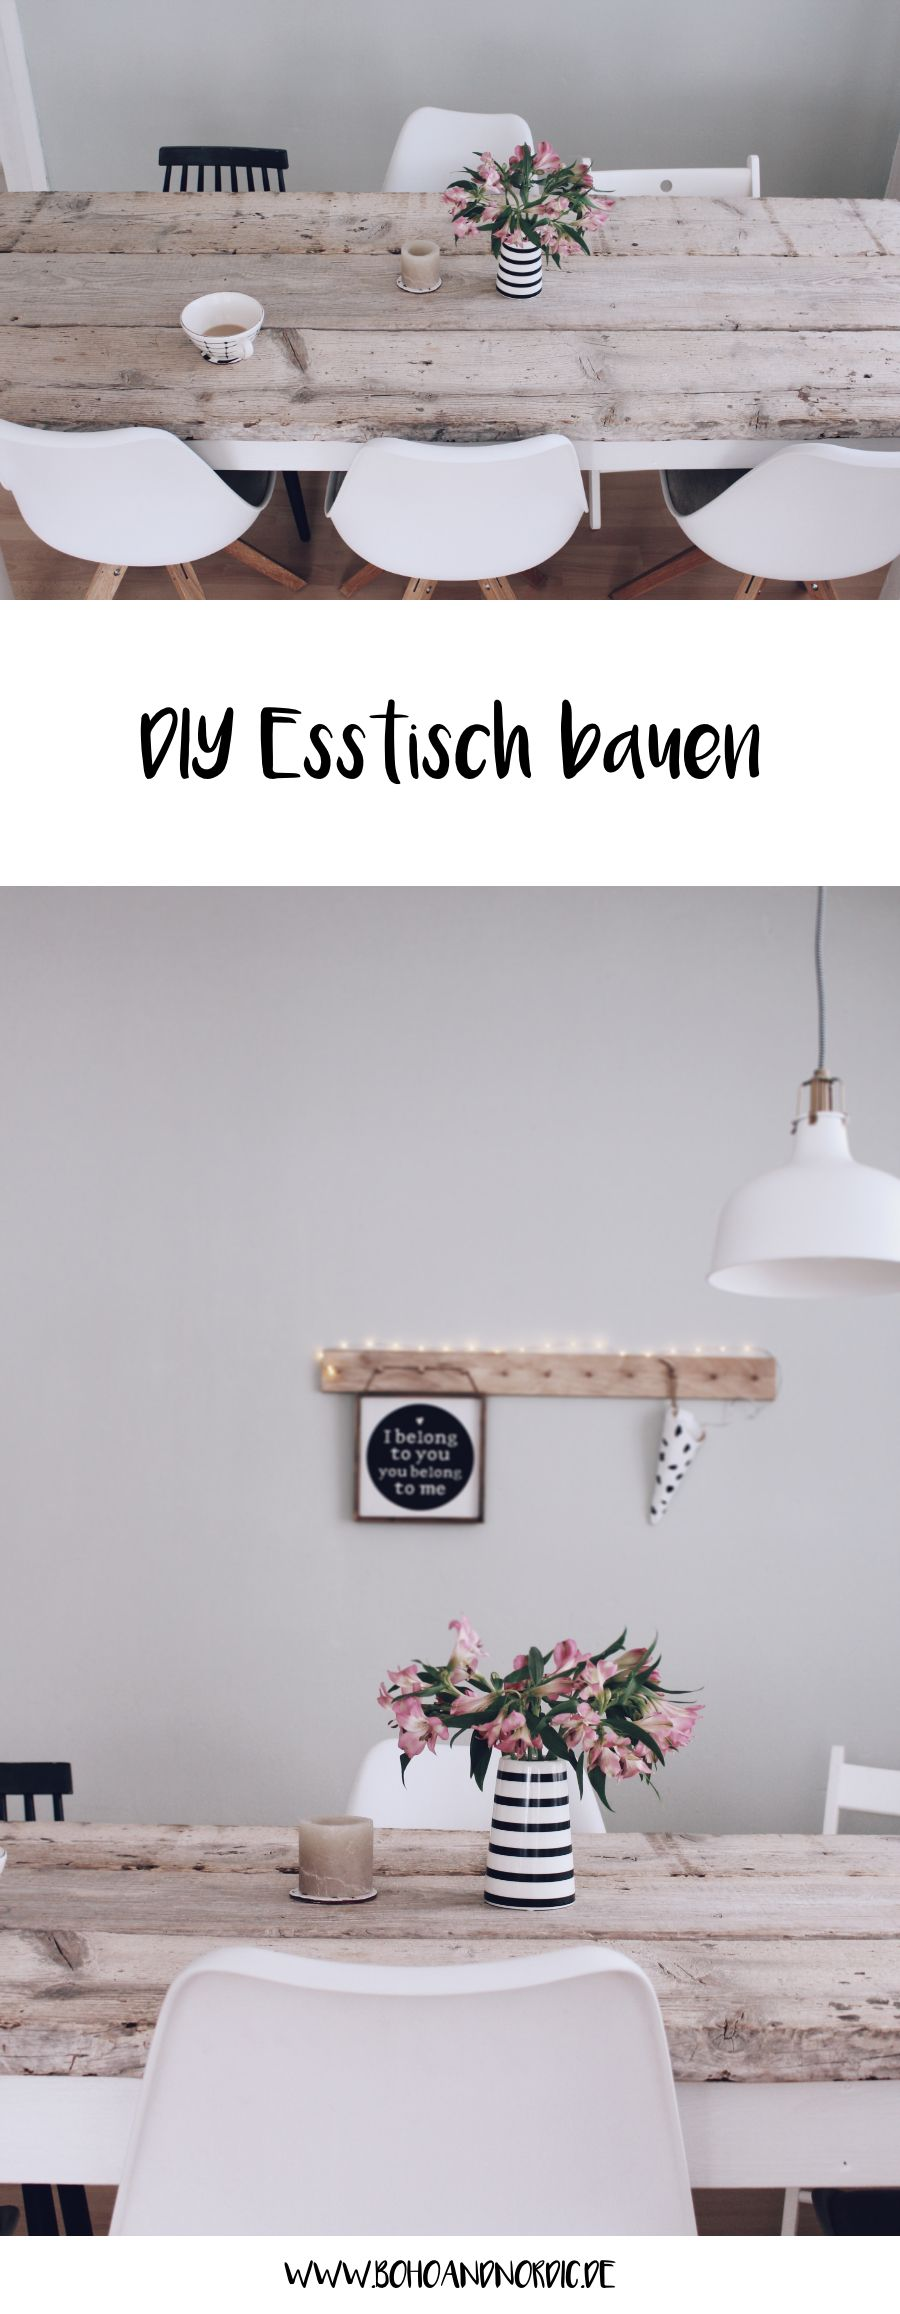 DIY Esstisch selber bauen #diywohnen